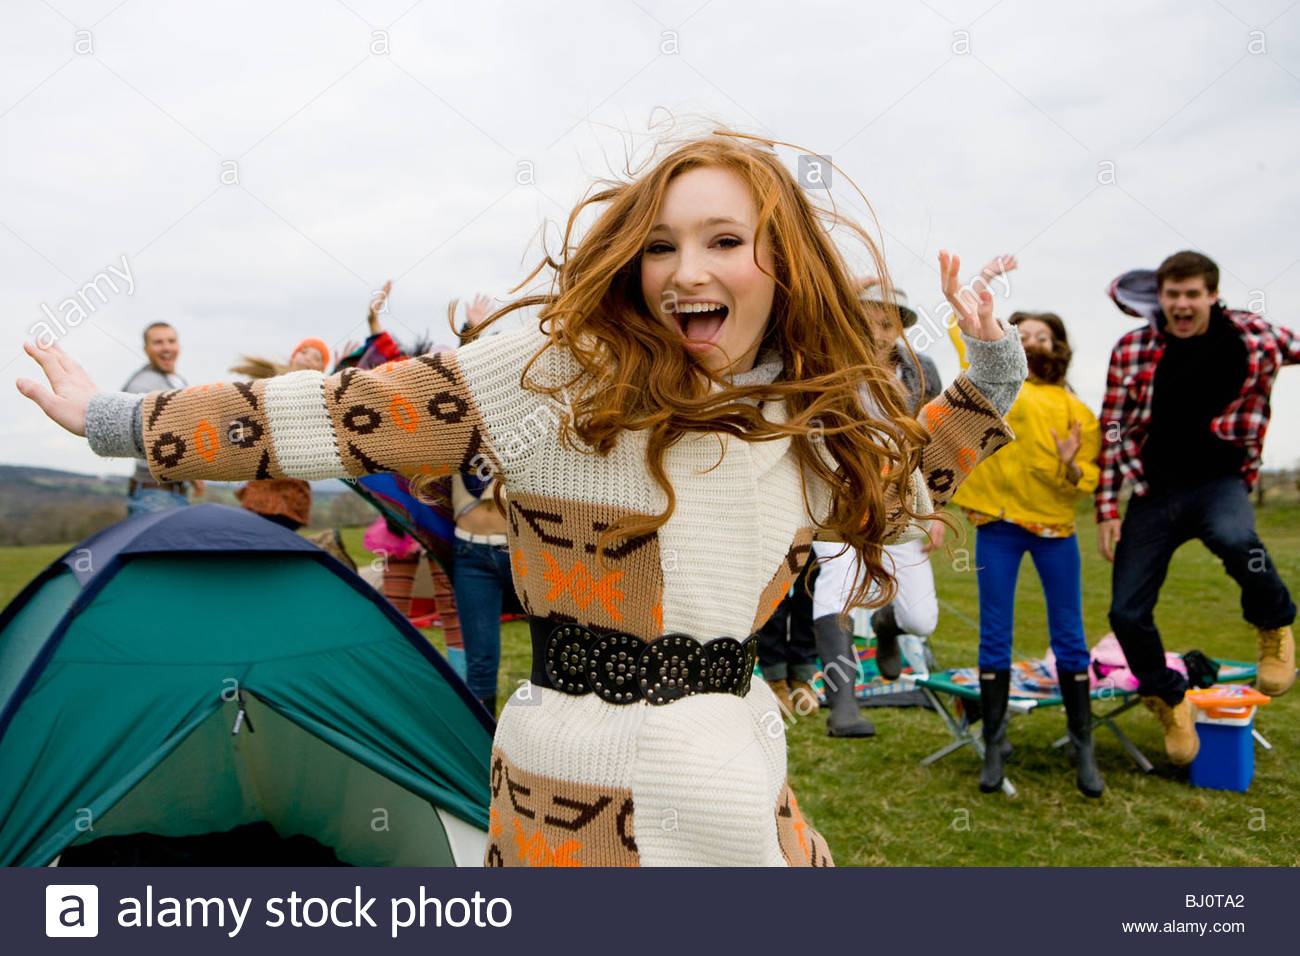 Emozionato amici camping e partecipando a festival all'aperto Immagini Stock